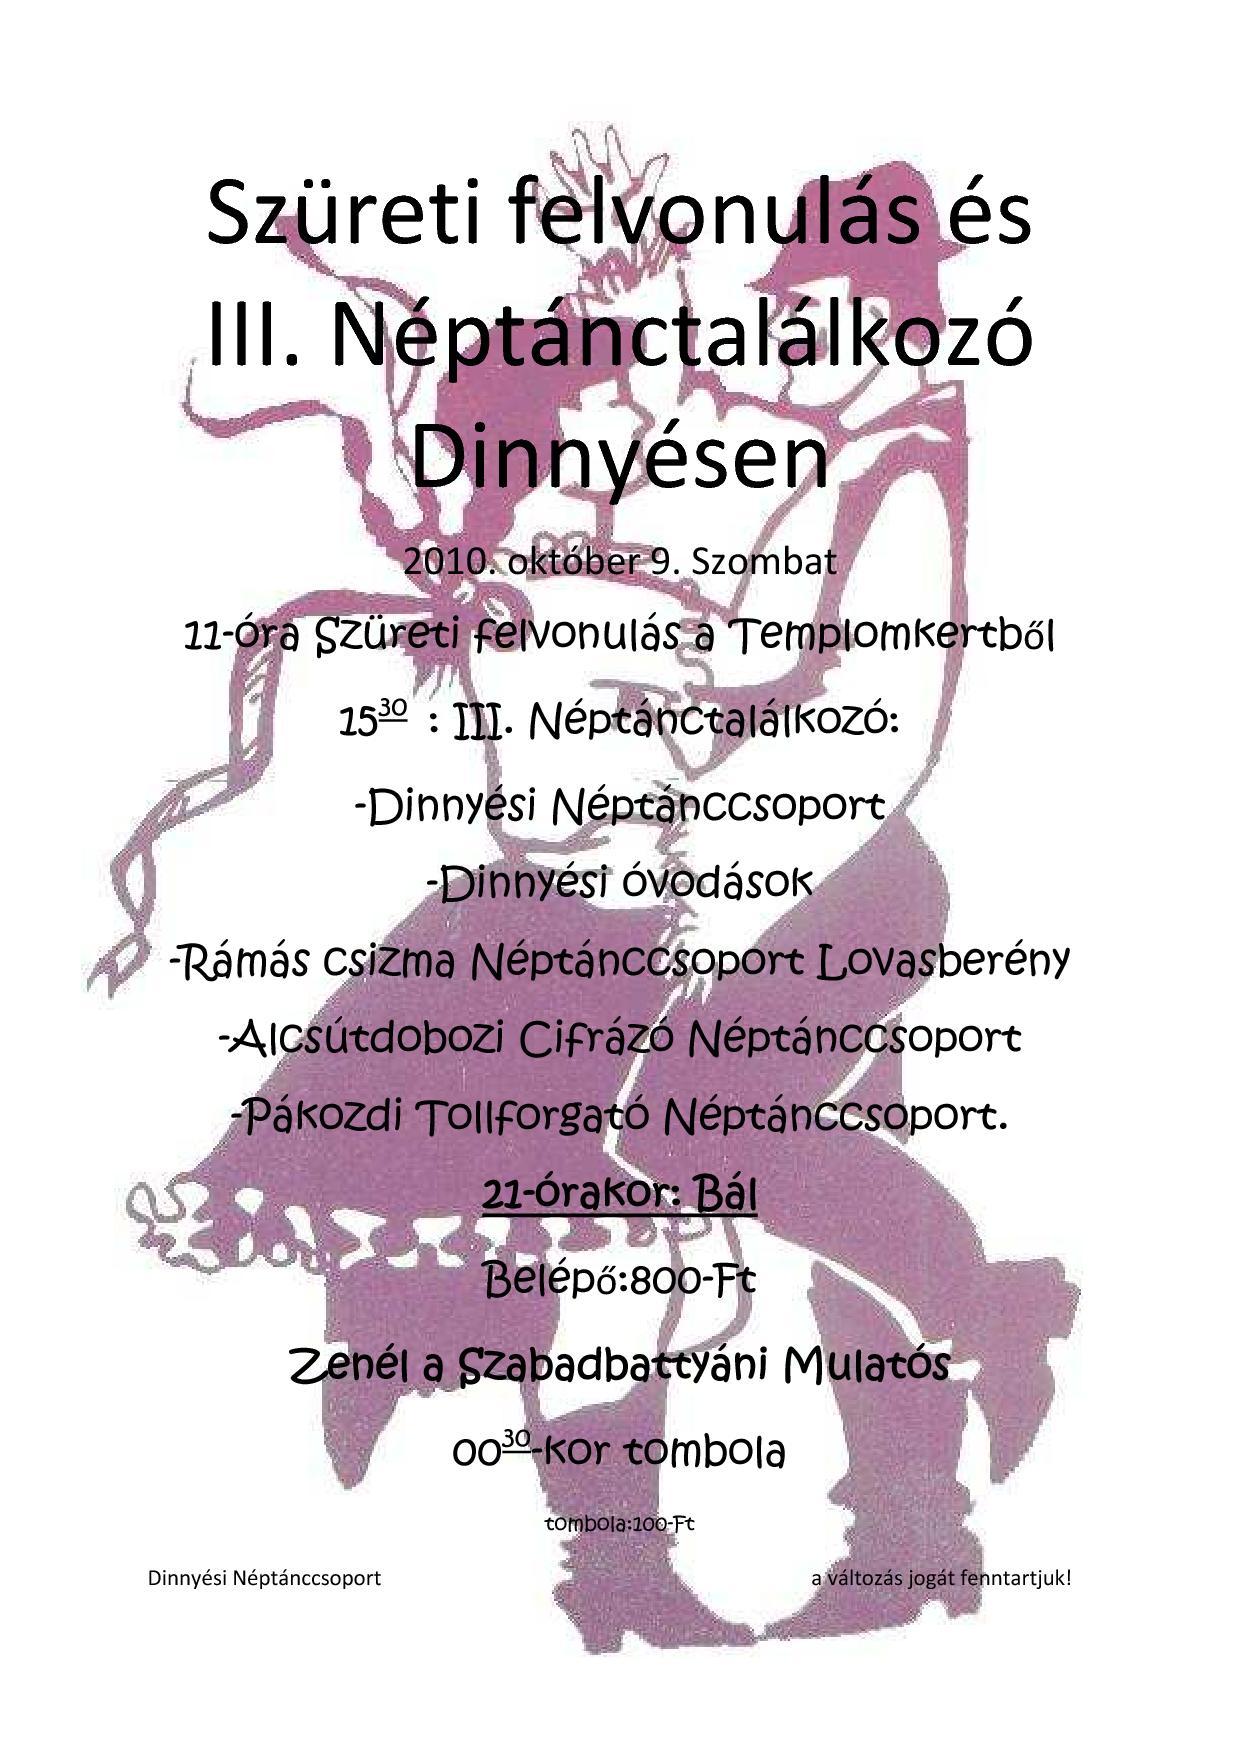 Szüreti felvonulás és III. Néptánctalálkozó Dinnyésen - 2010. október 9.